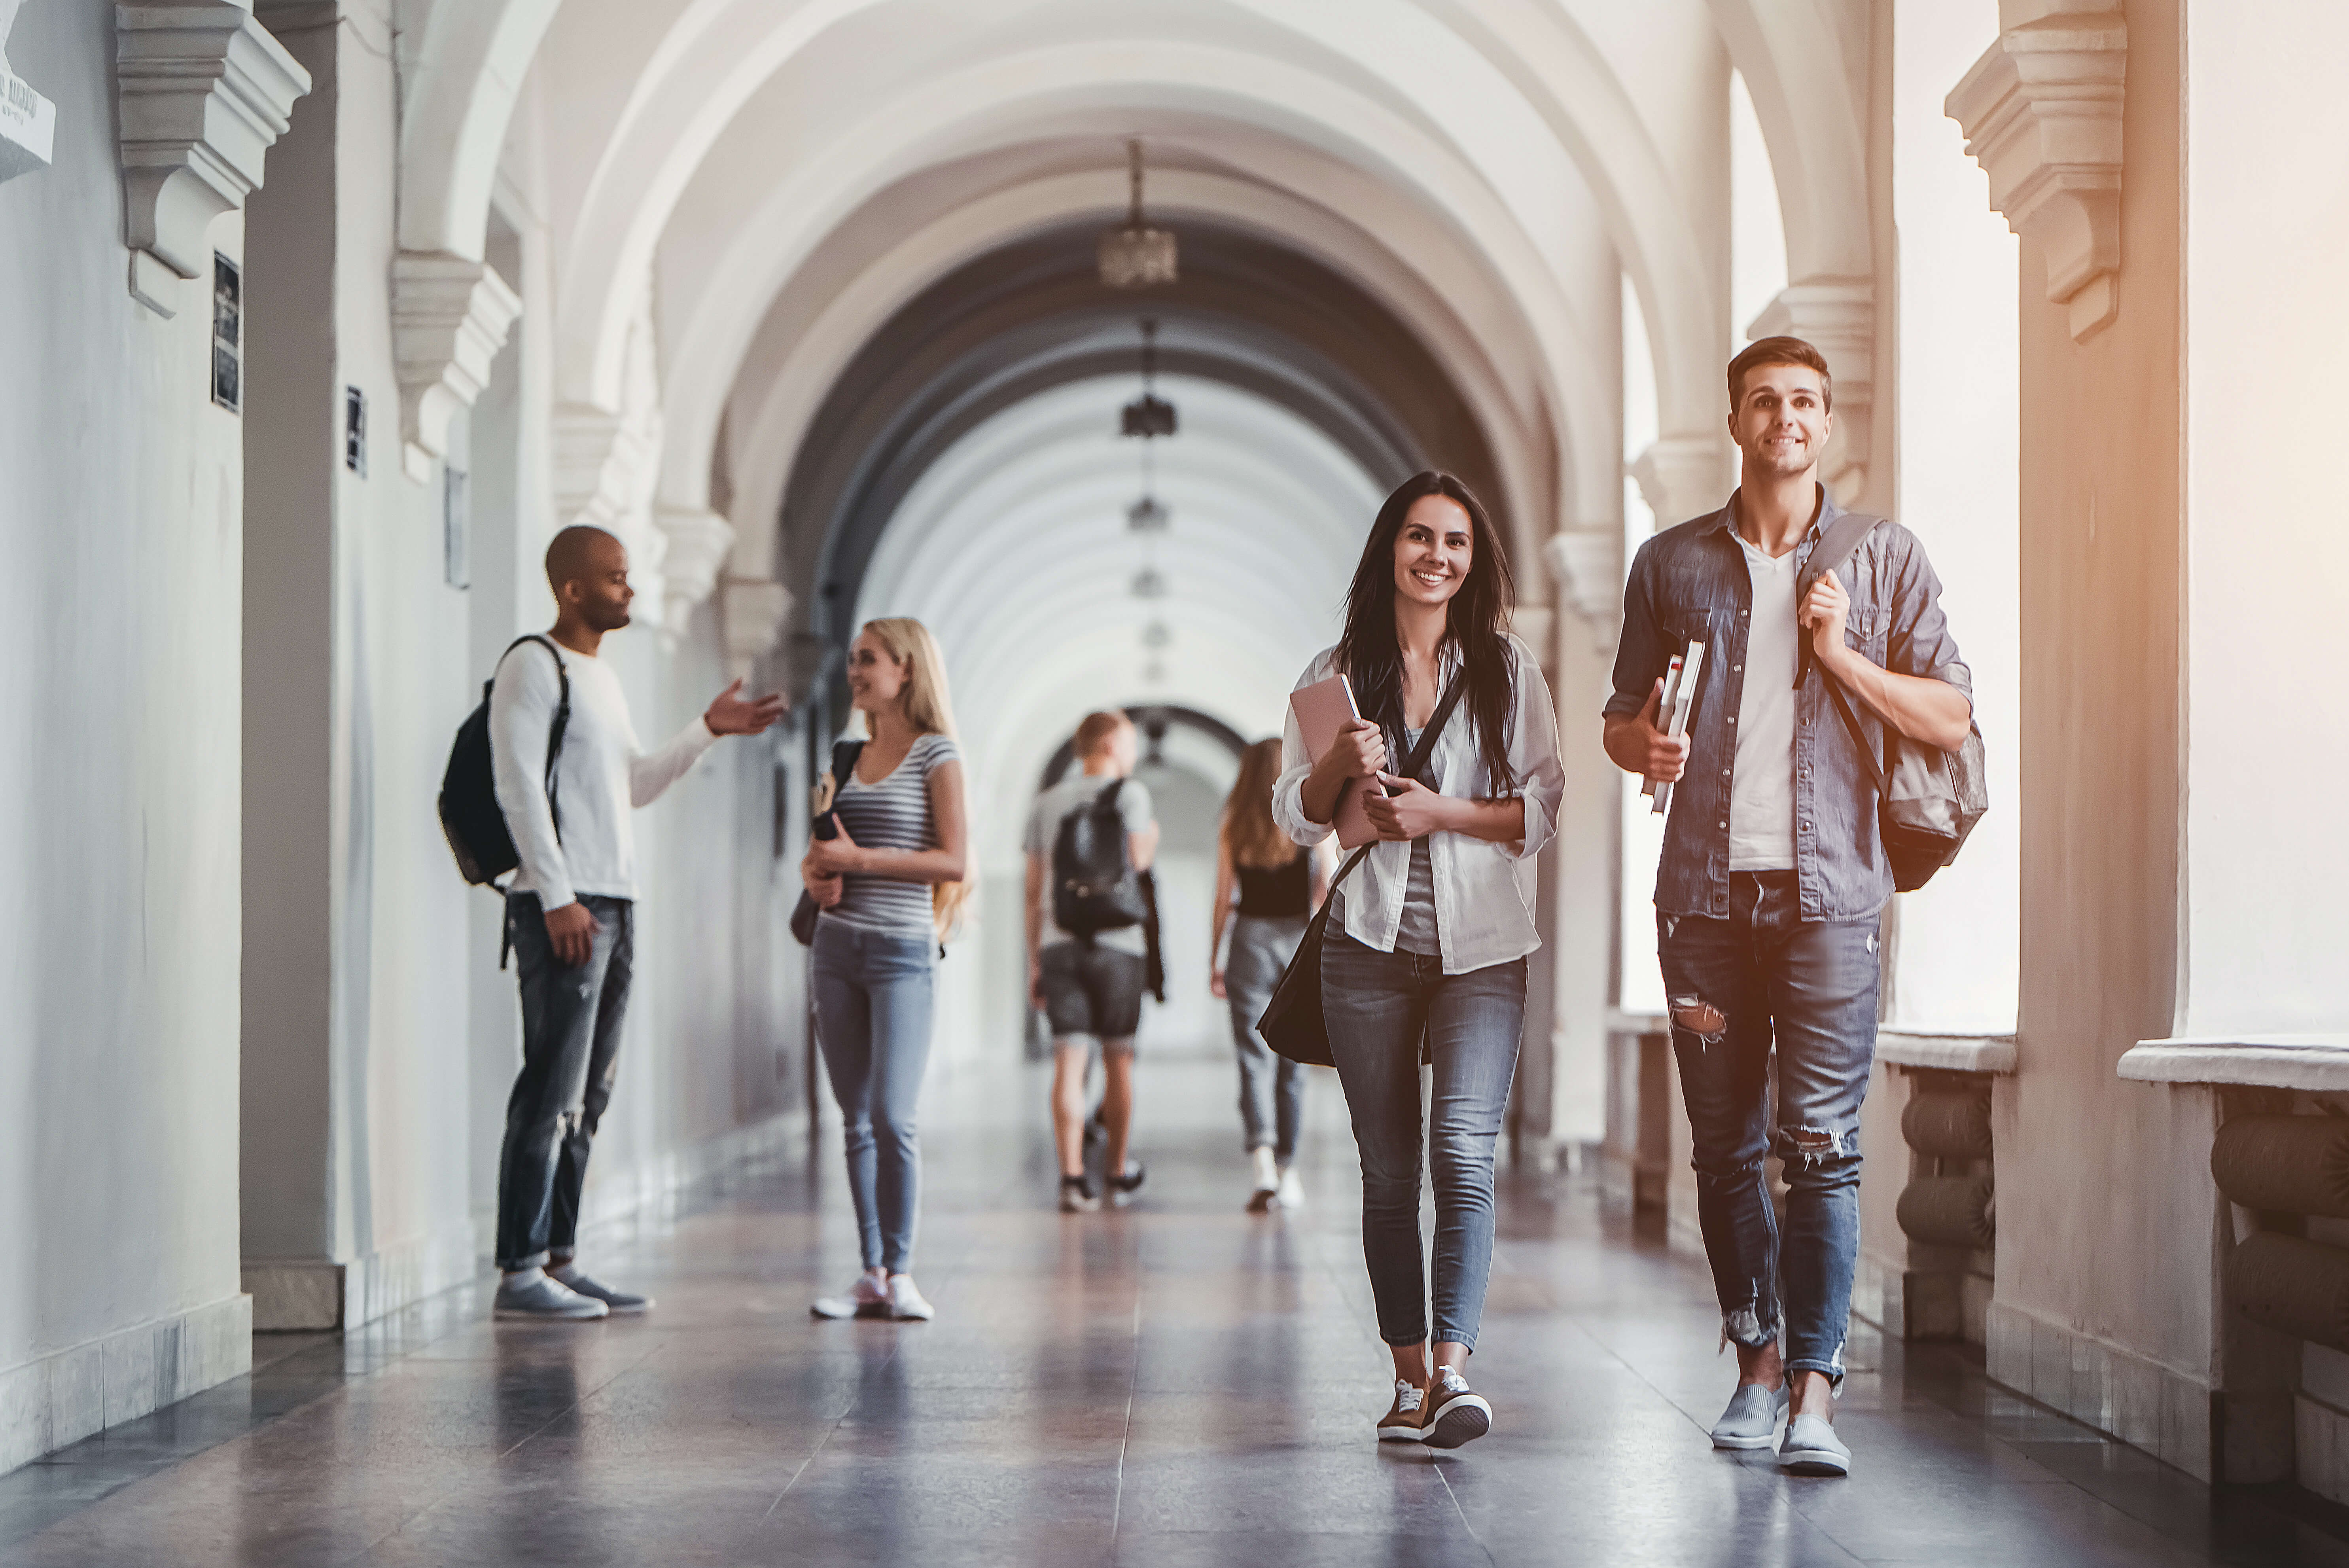 Universities in Europe